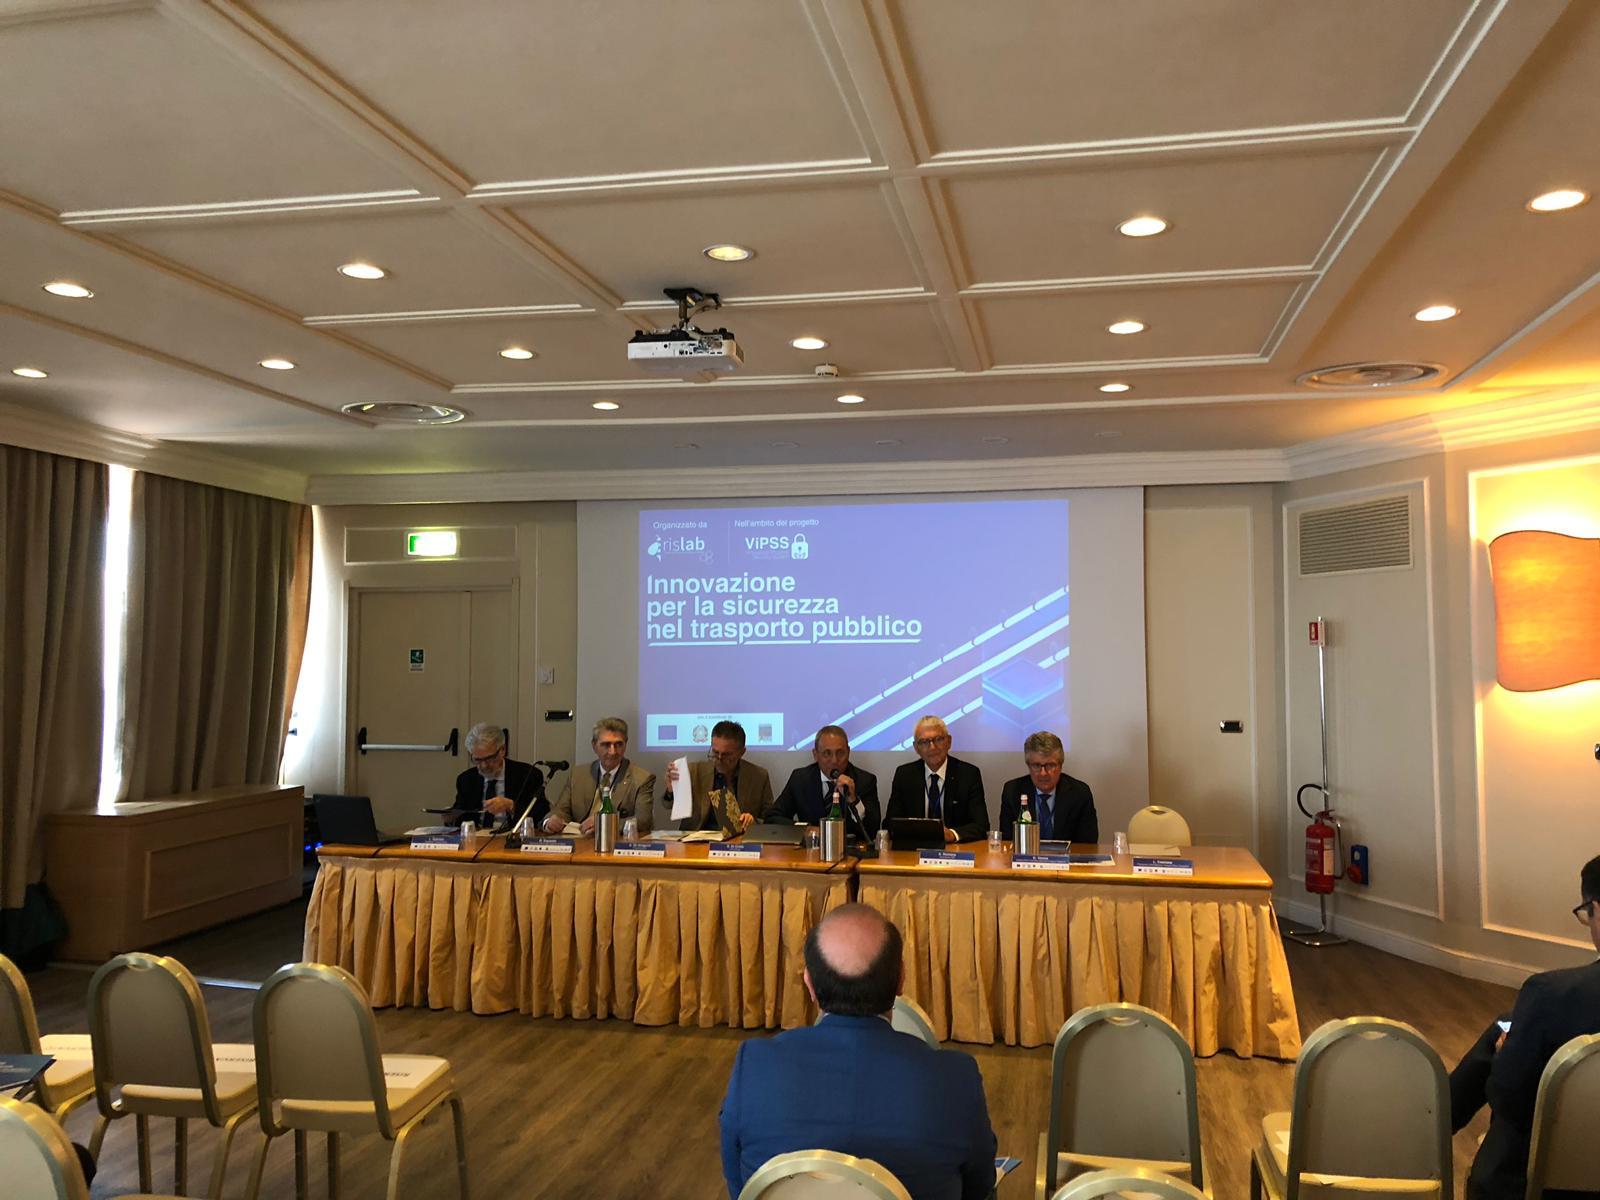 (Italiano) Trasporto Pubblico: nuove vulnerabilità e soluzioni innovative per la sicurezza